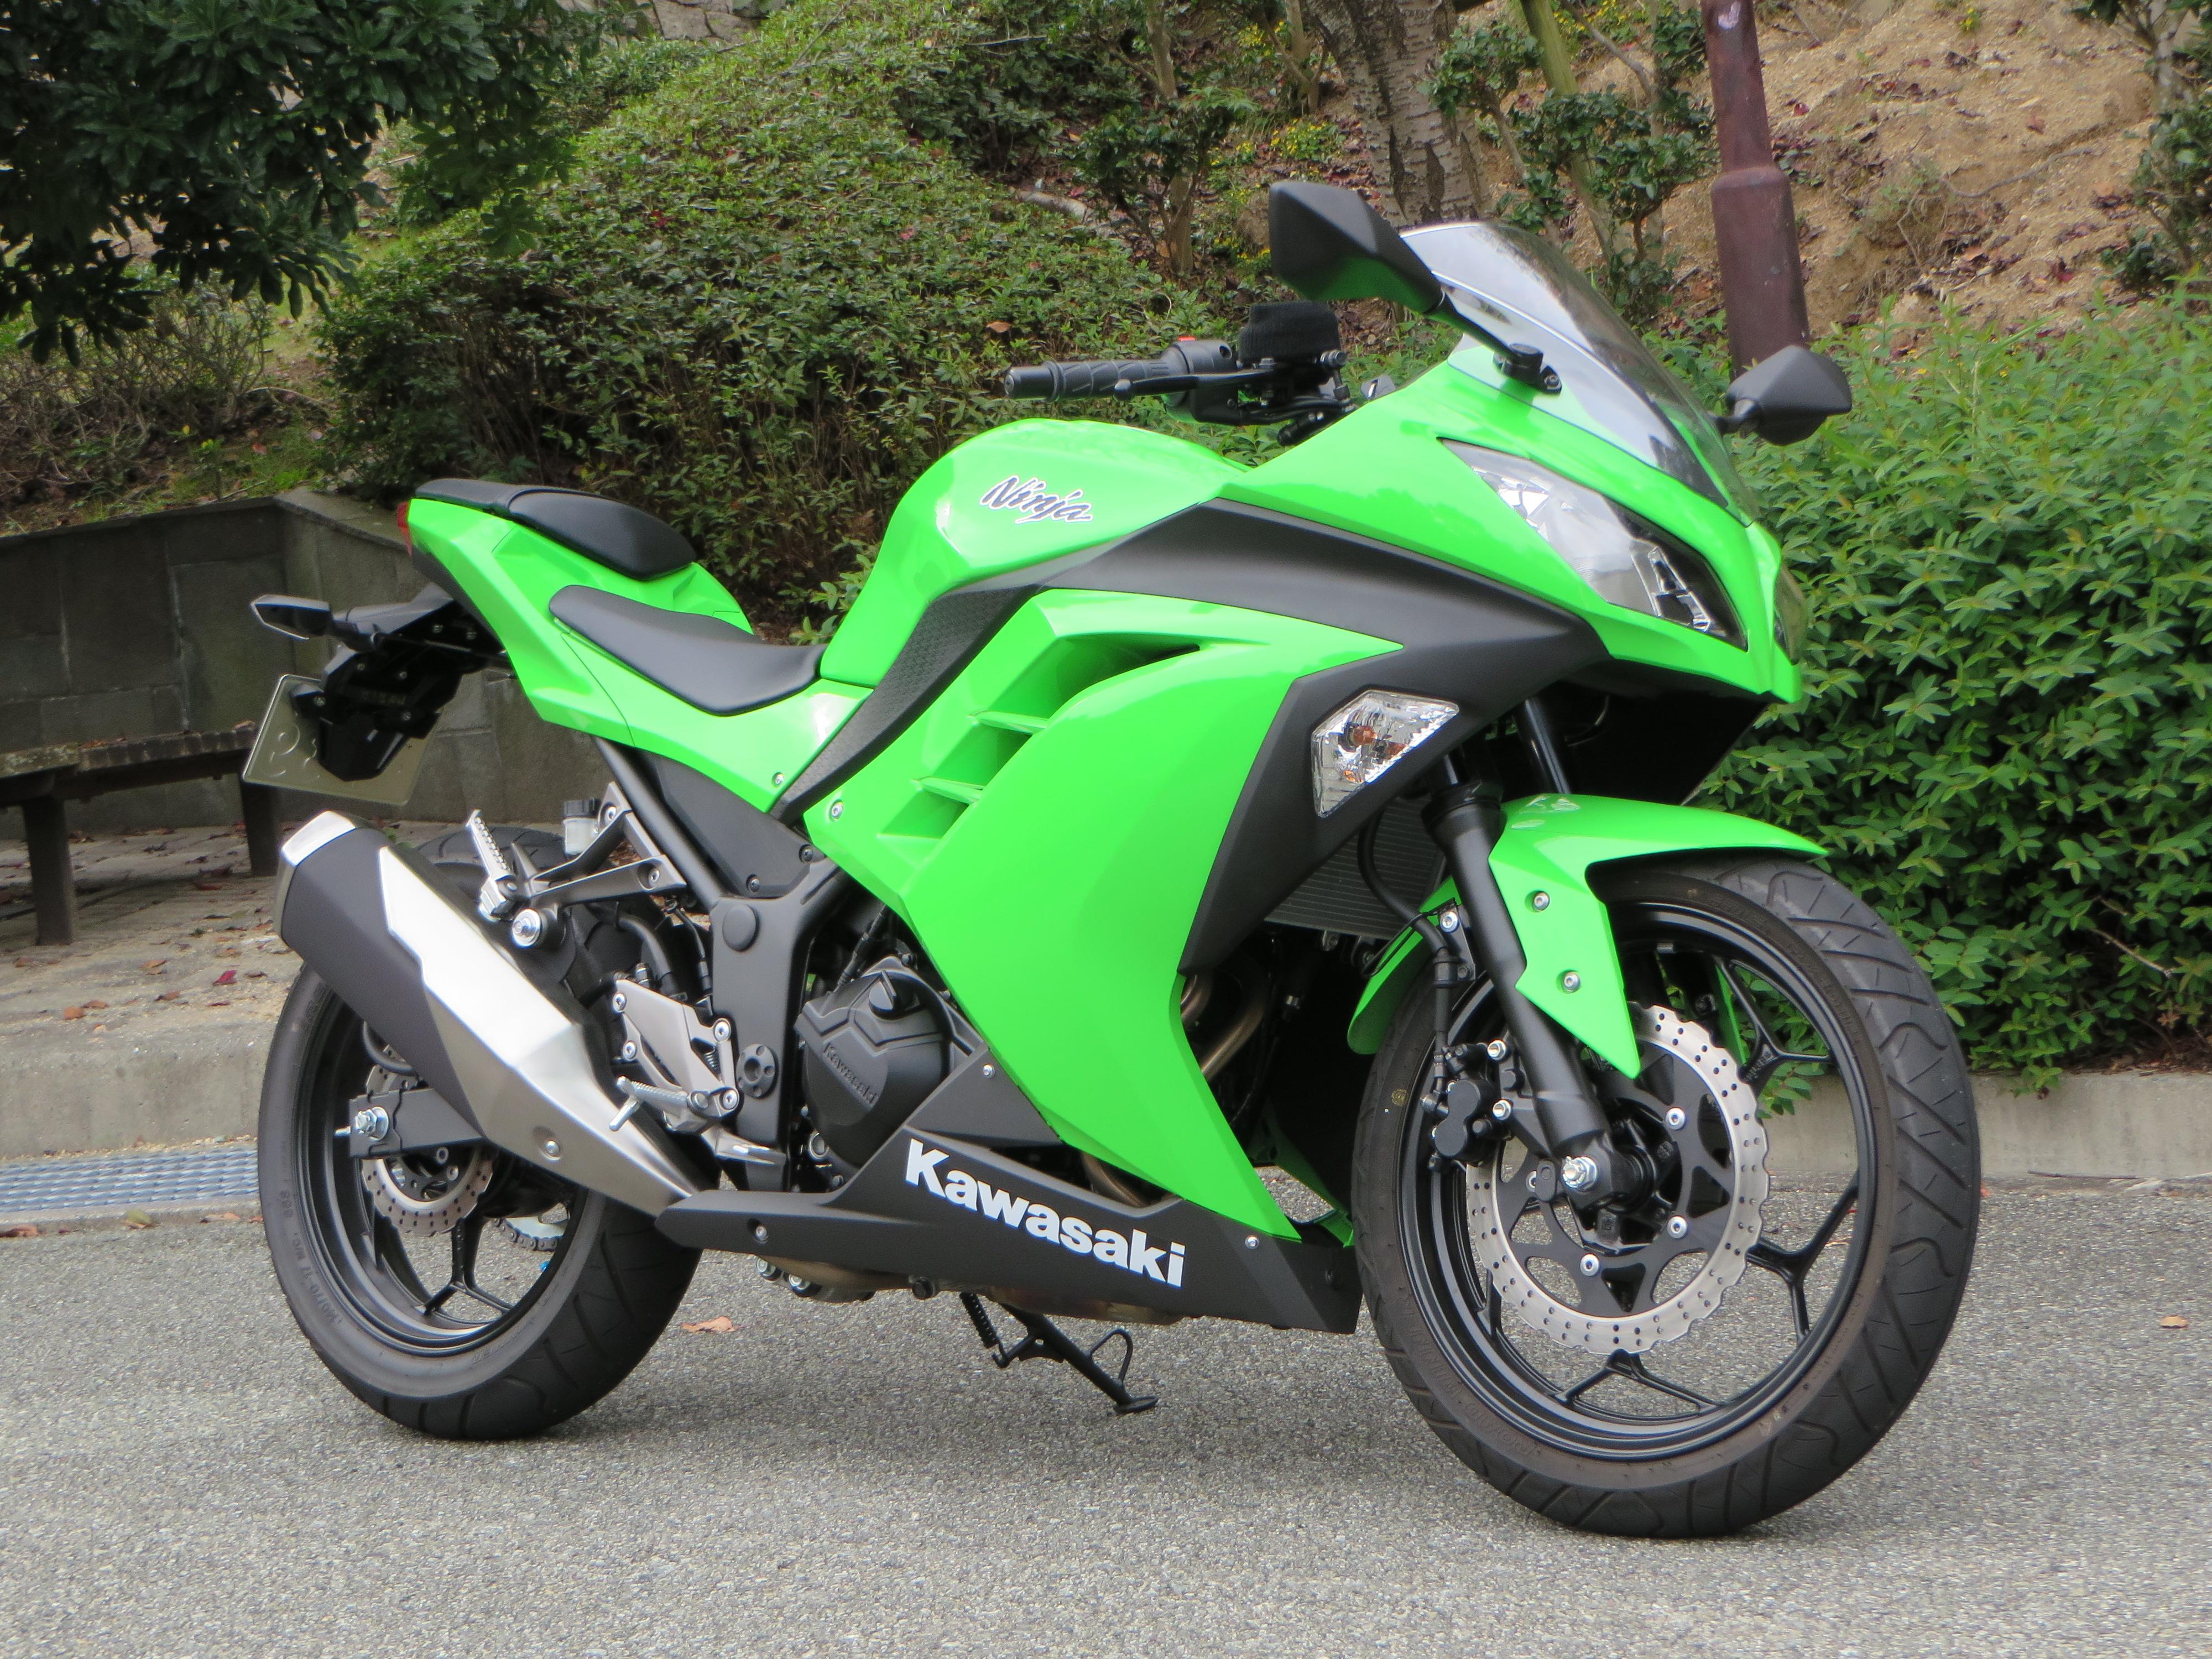 ツーリングバイクのおすすめ(250cc)。250ではバイク特性は必須知識! Japan News Degital